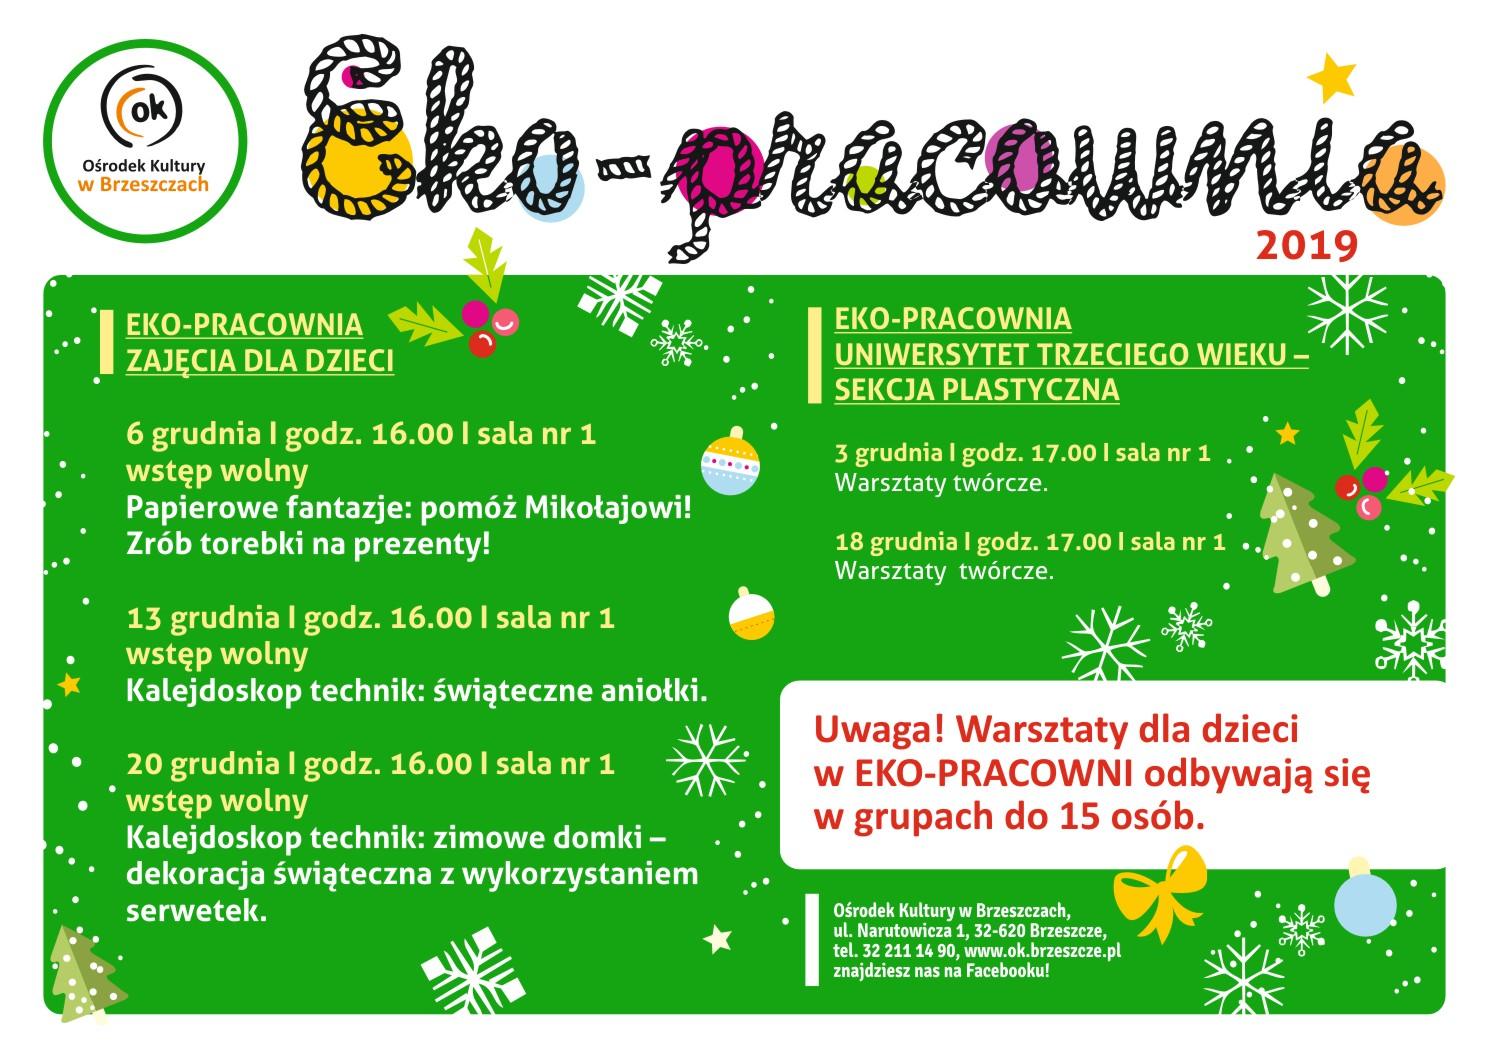 Eko-Pracownia - Warsztaty Dla Dzieci